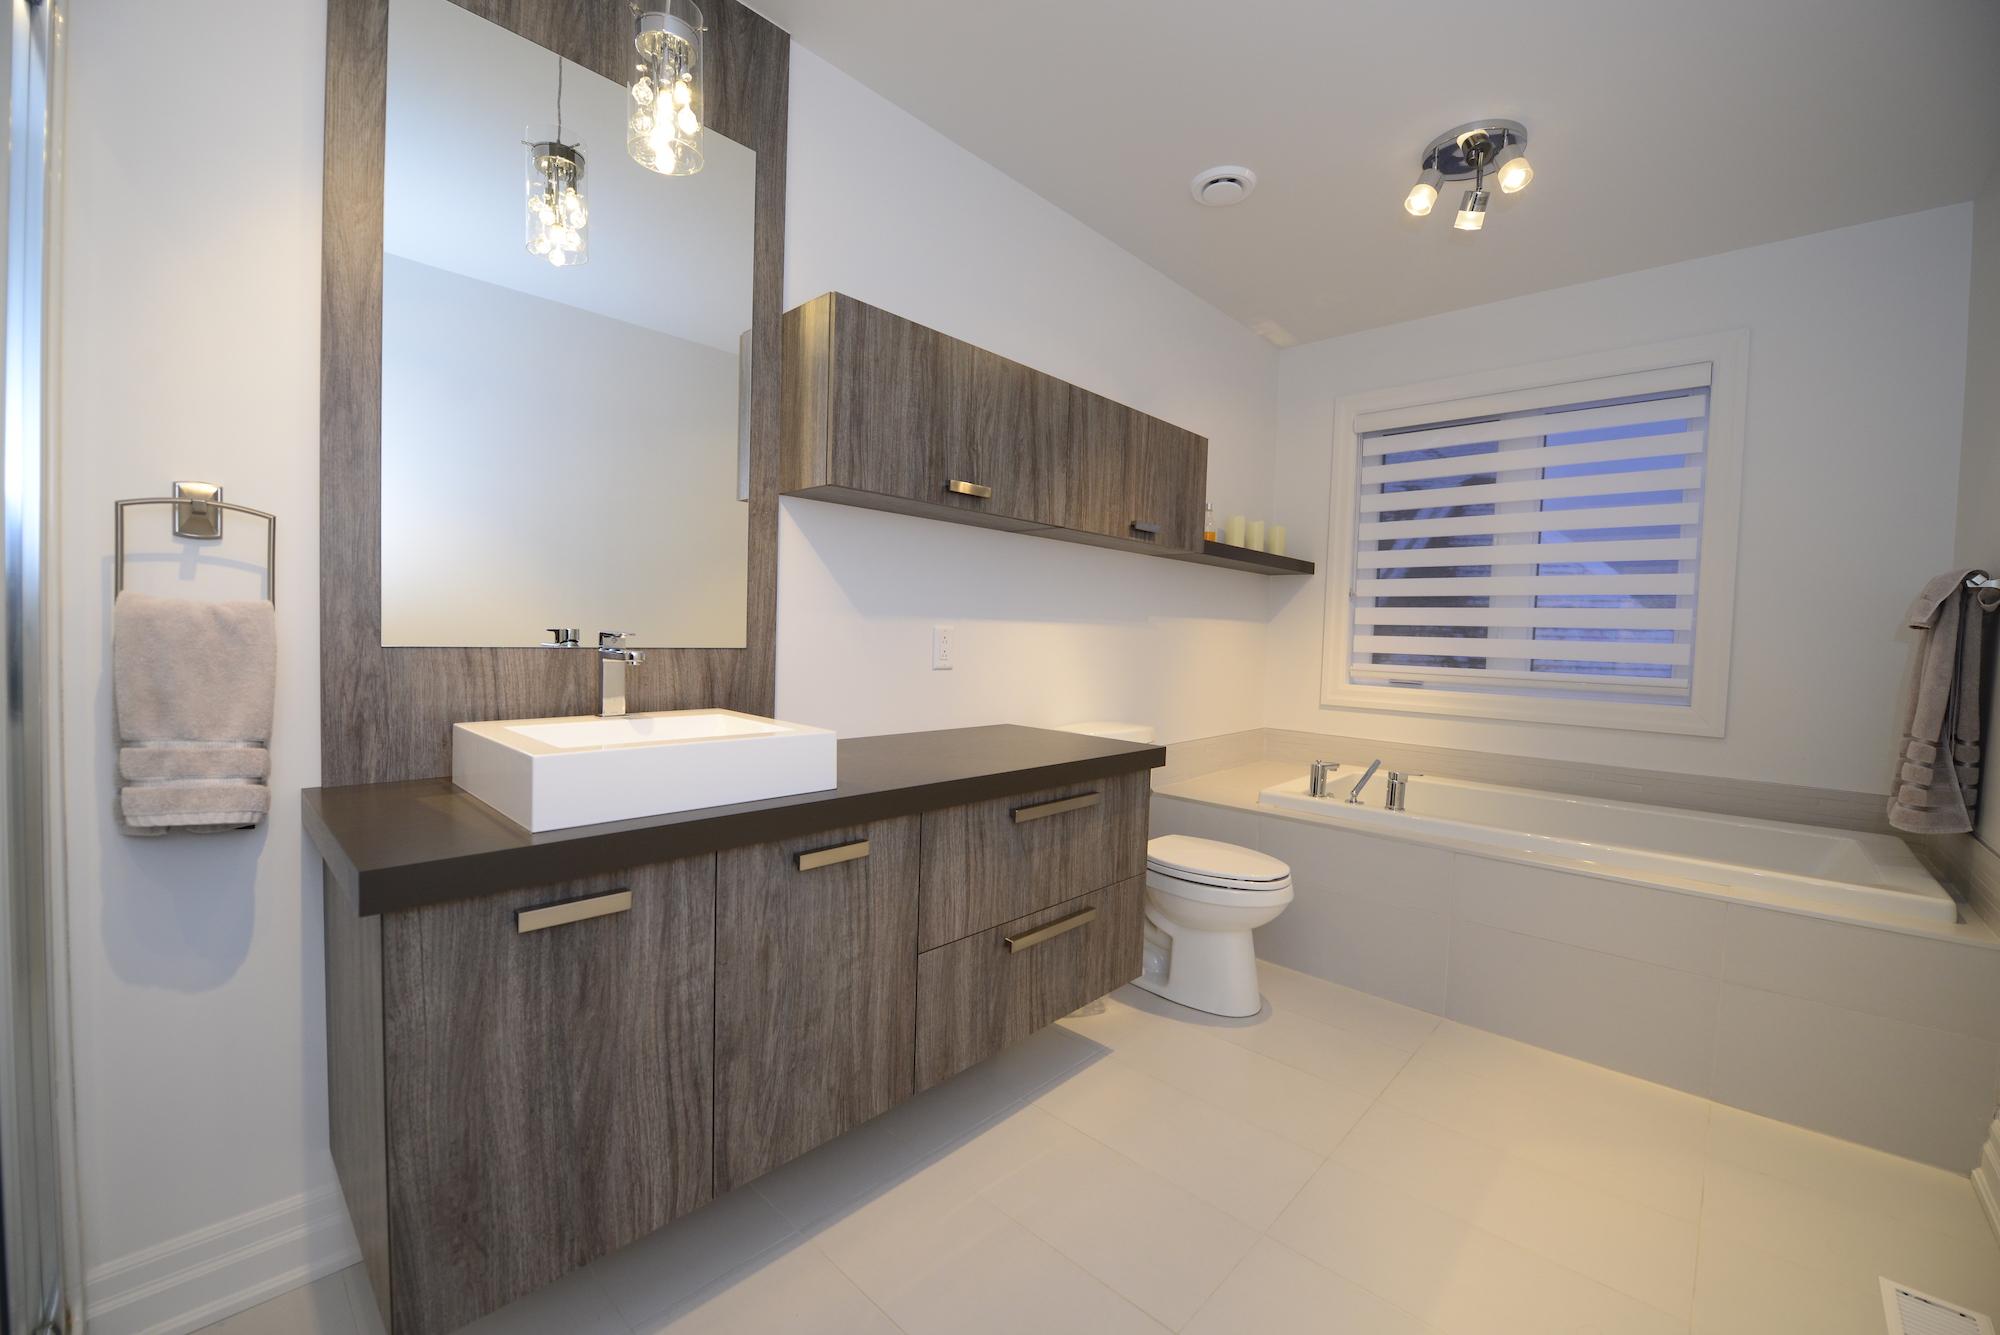 Salle De Bain Com cuisines armoben vous suggère 5 tendances déco salle de bain